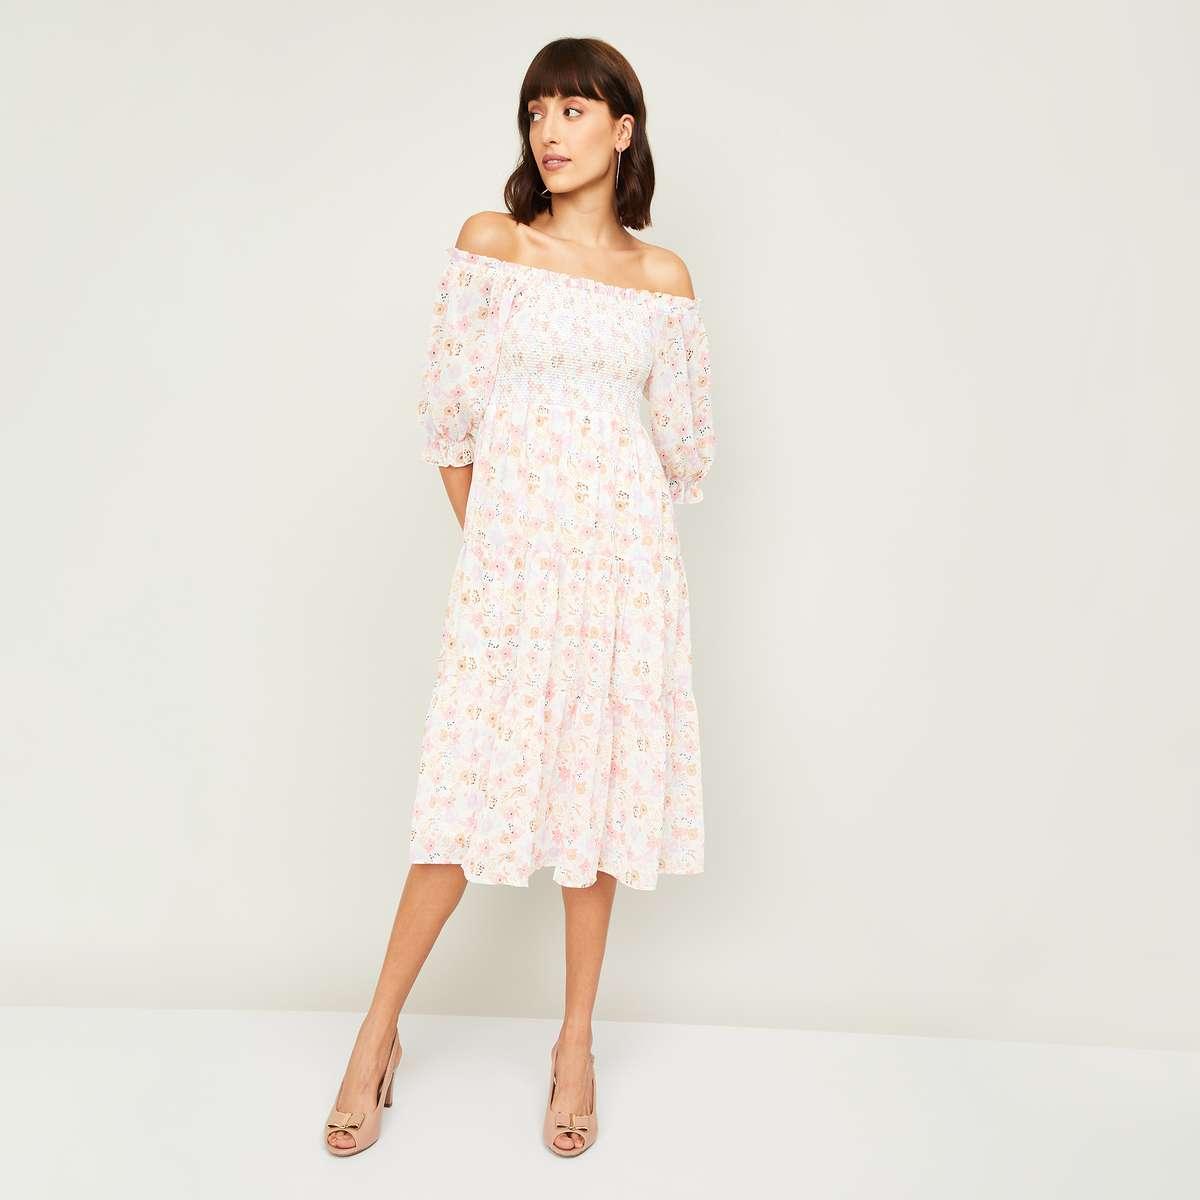 3.GINGER Women Floral Print Off-Shoulder Dress